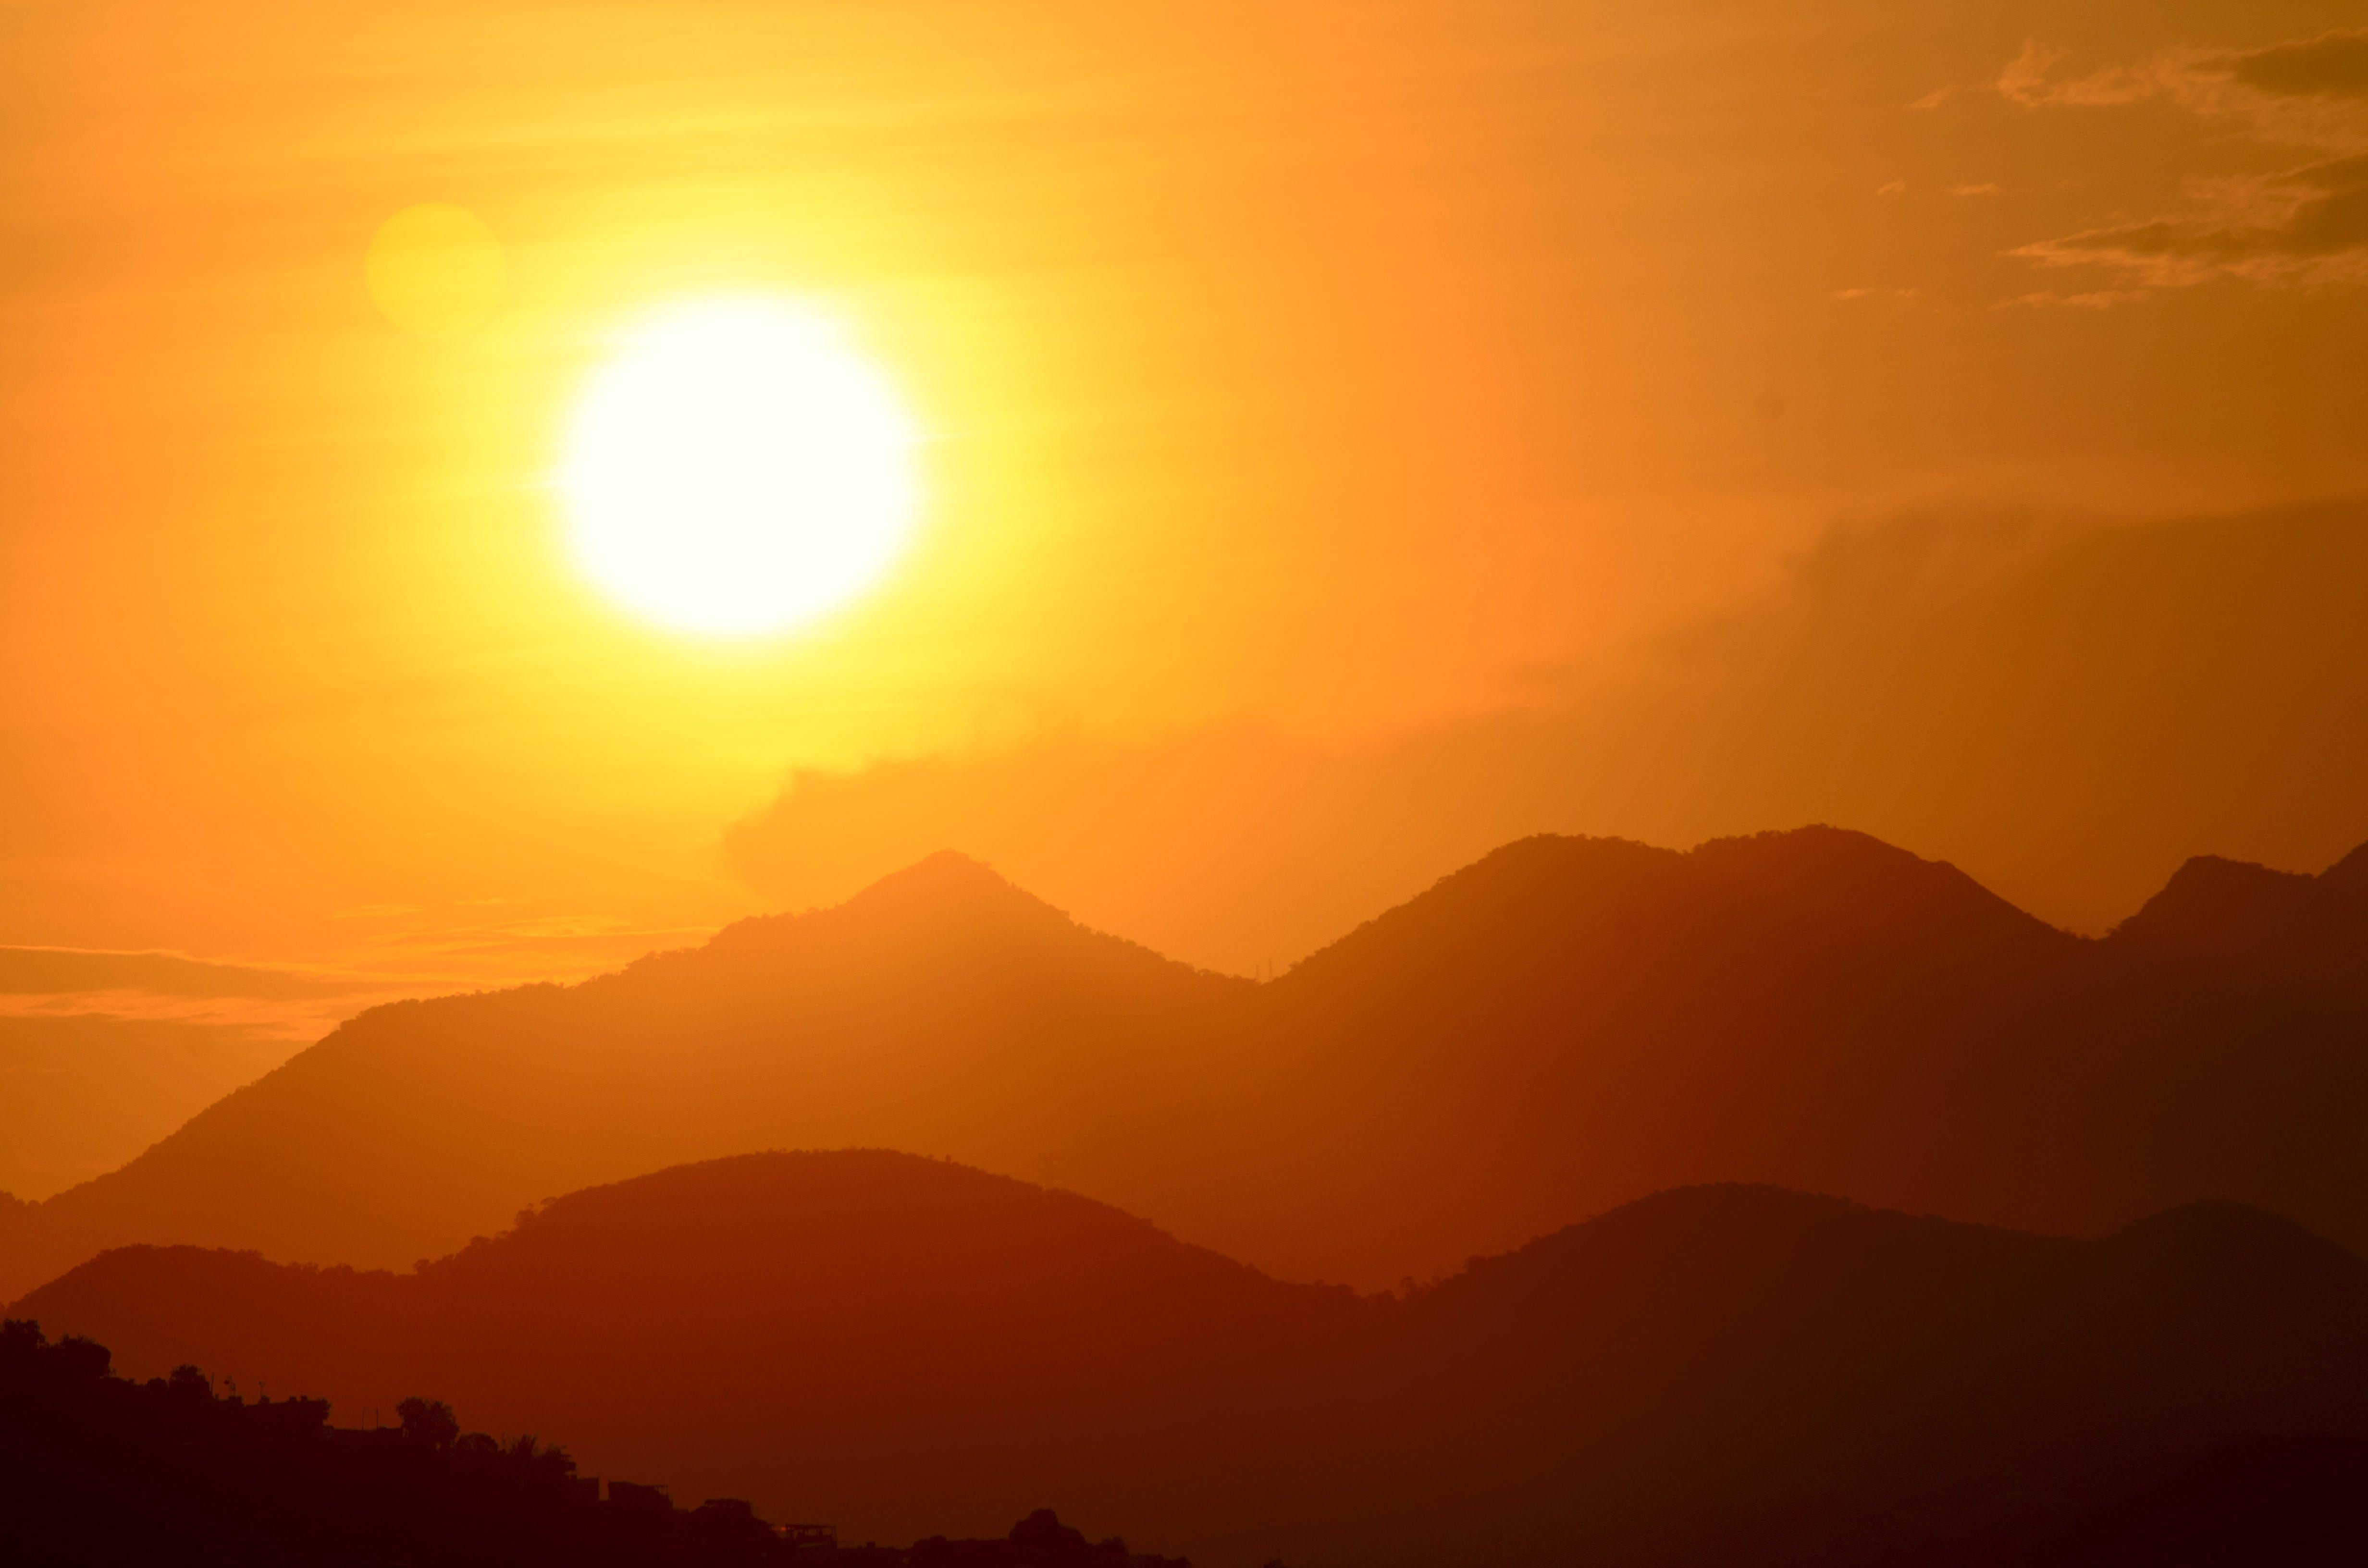 Free stock photo of brasil, brazil, bruno scramgnon fotografia, golden hour